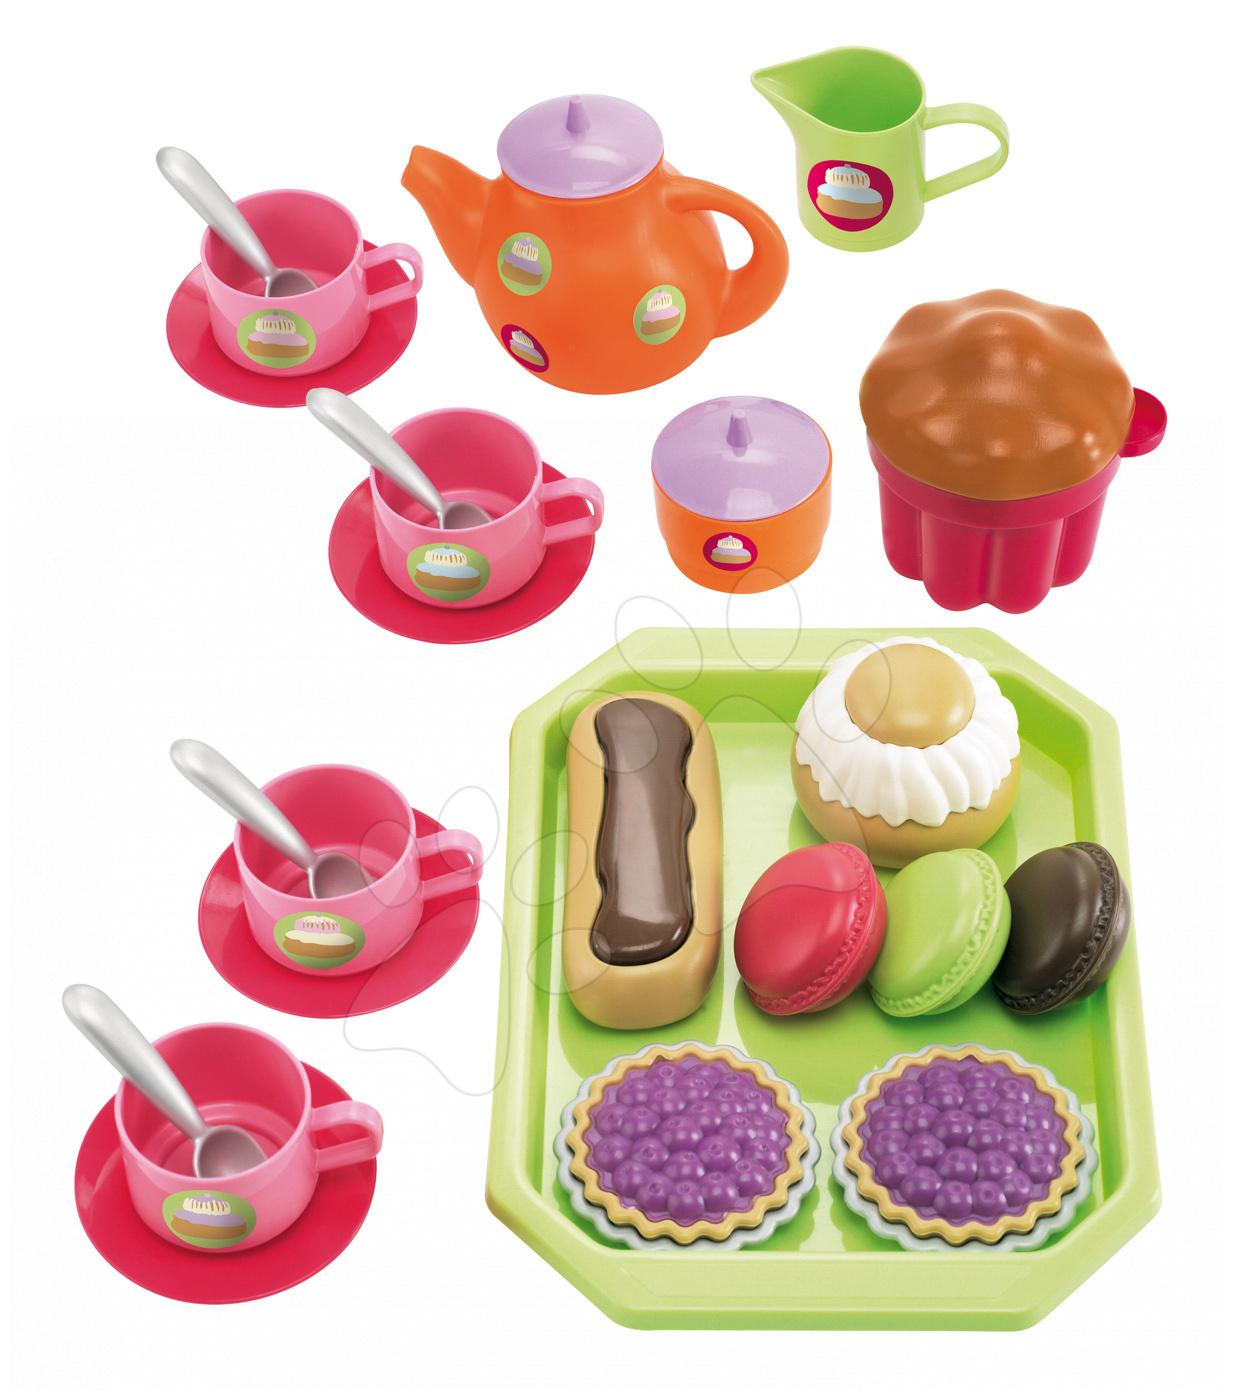 Čajni servis Bubble Cook Écoiffier na pladnju s slaščicami in 33 dodatki od 18 mes